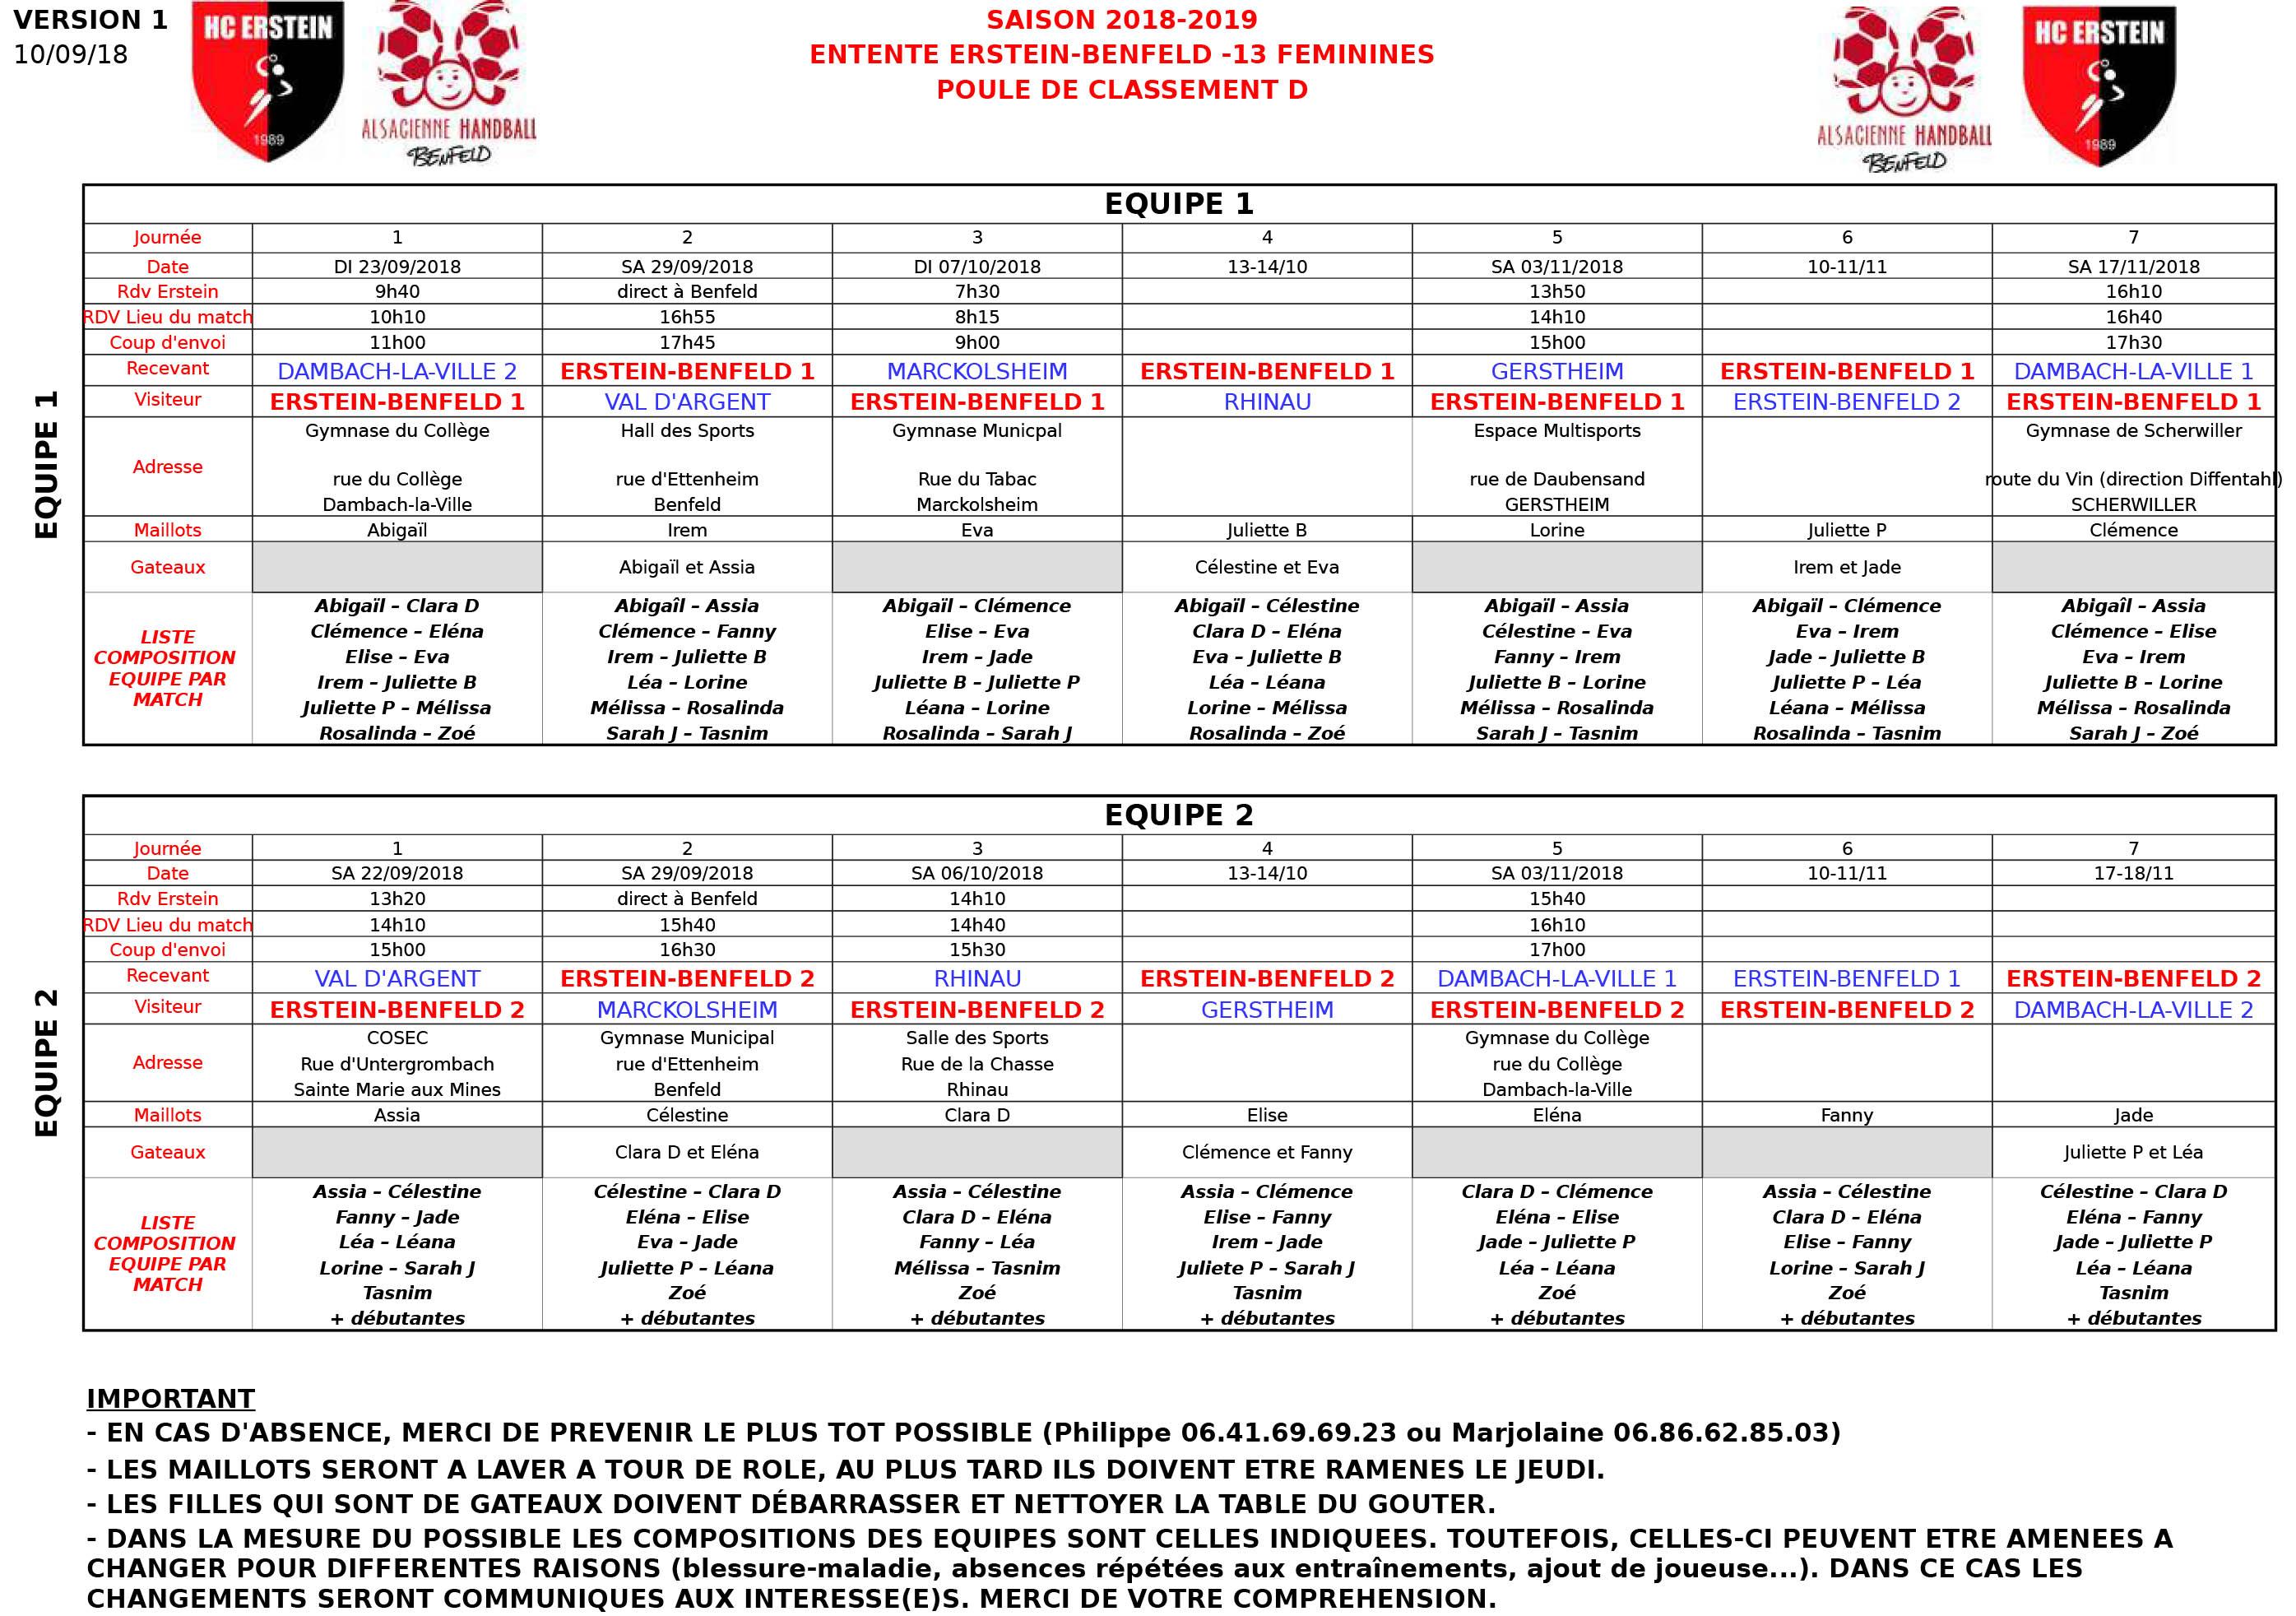 V1 Calendriers 13F pré-championnat poule D.jpg